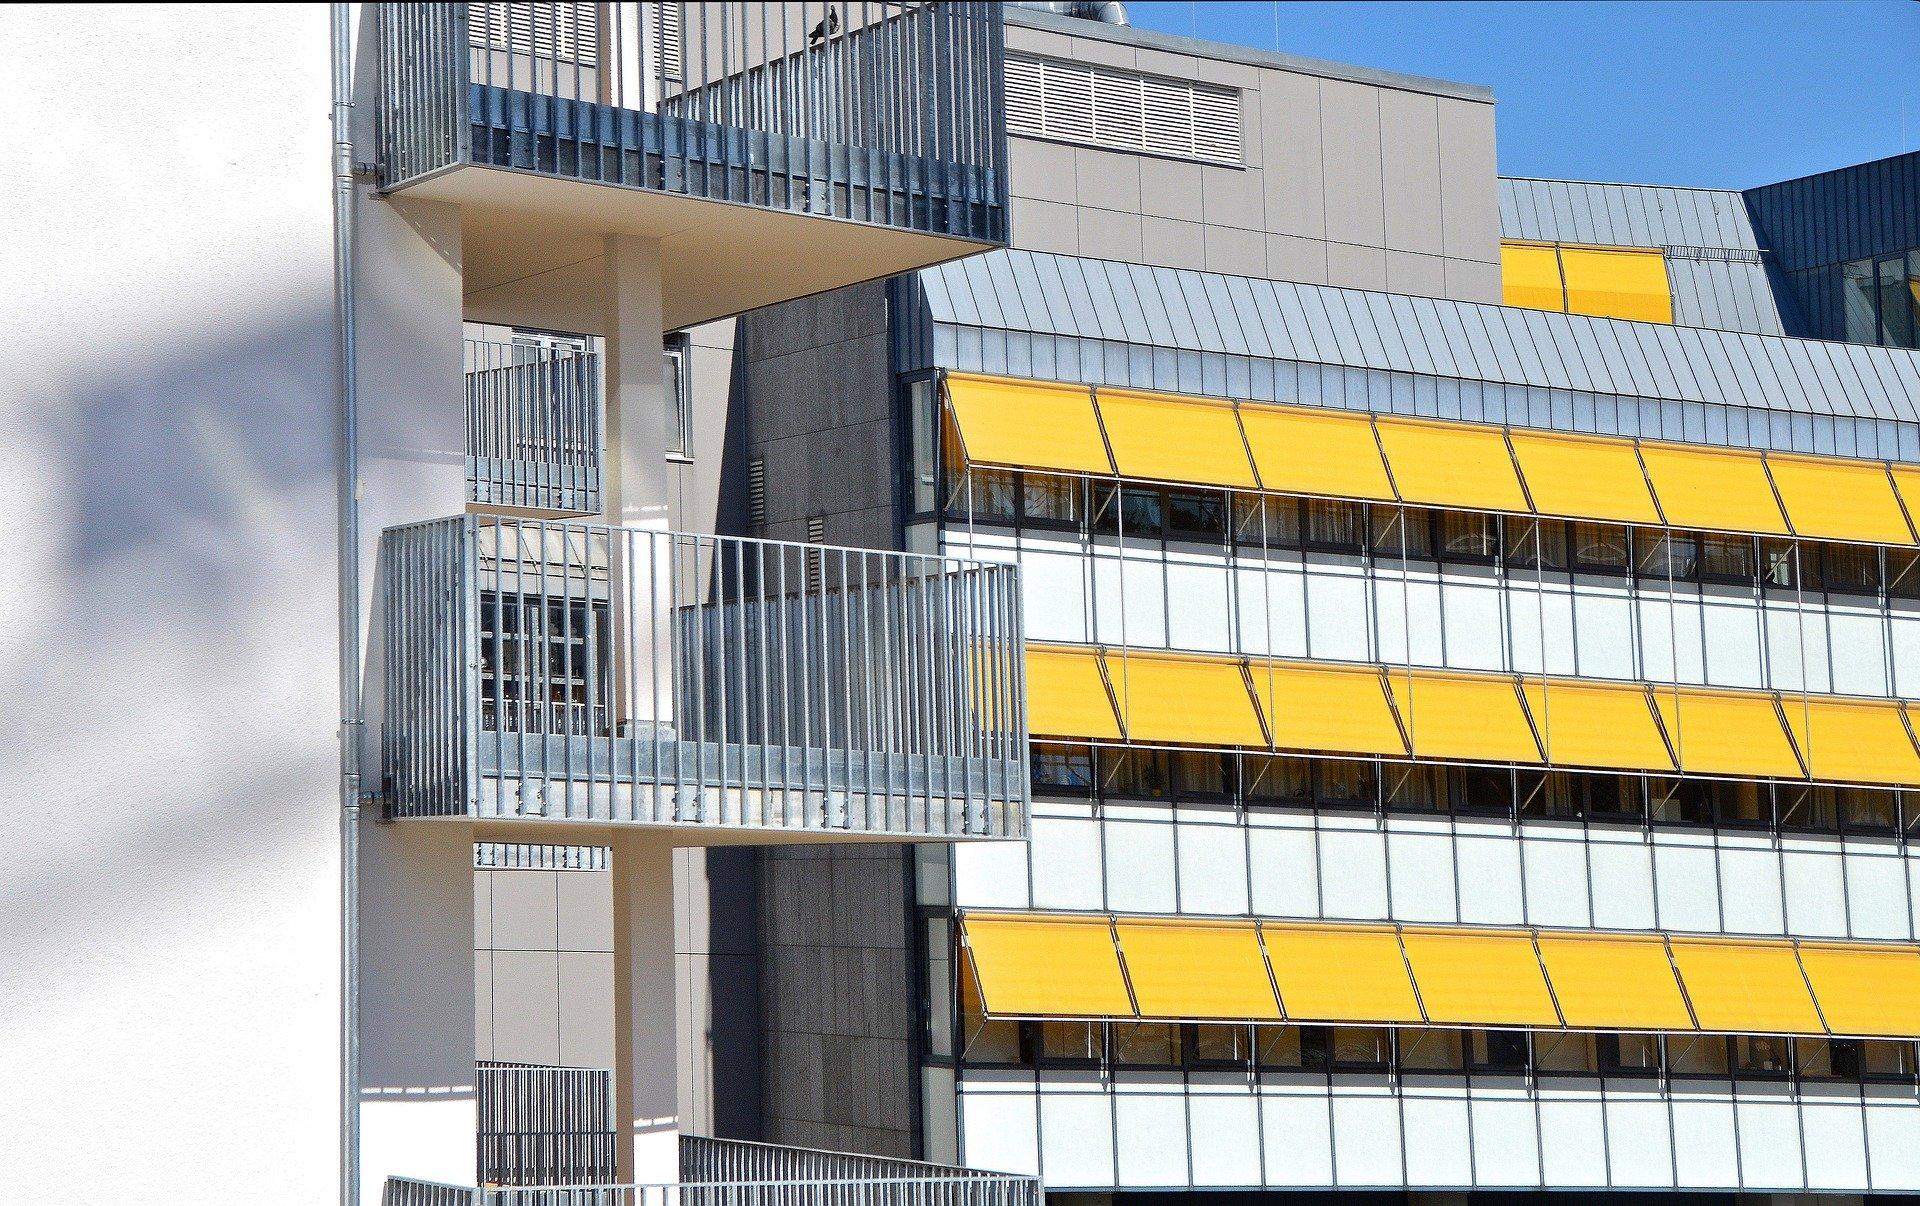 edificio con toldos